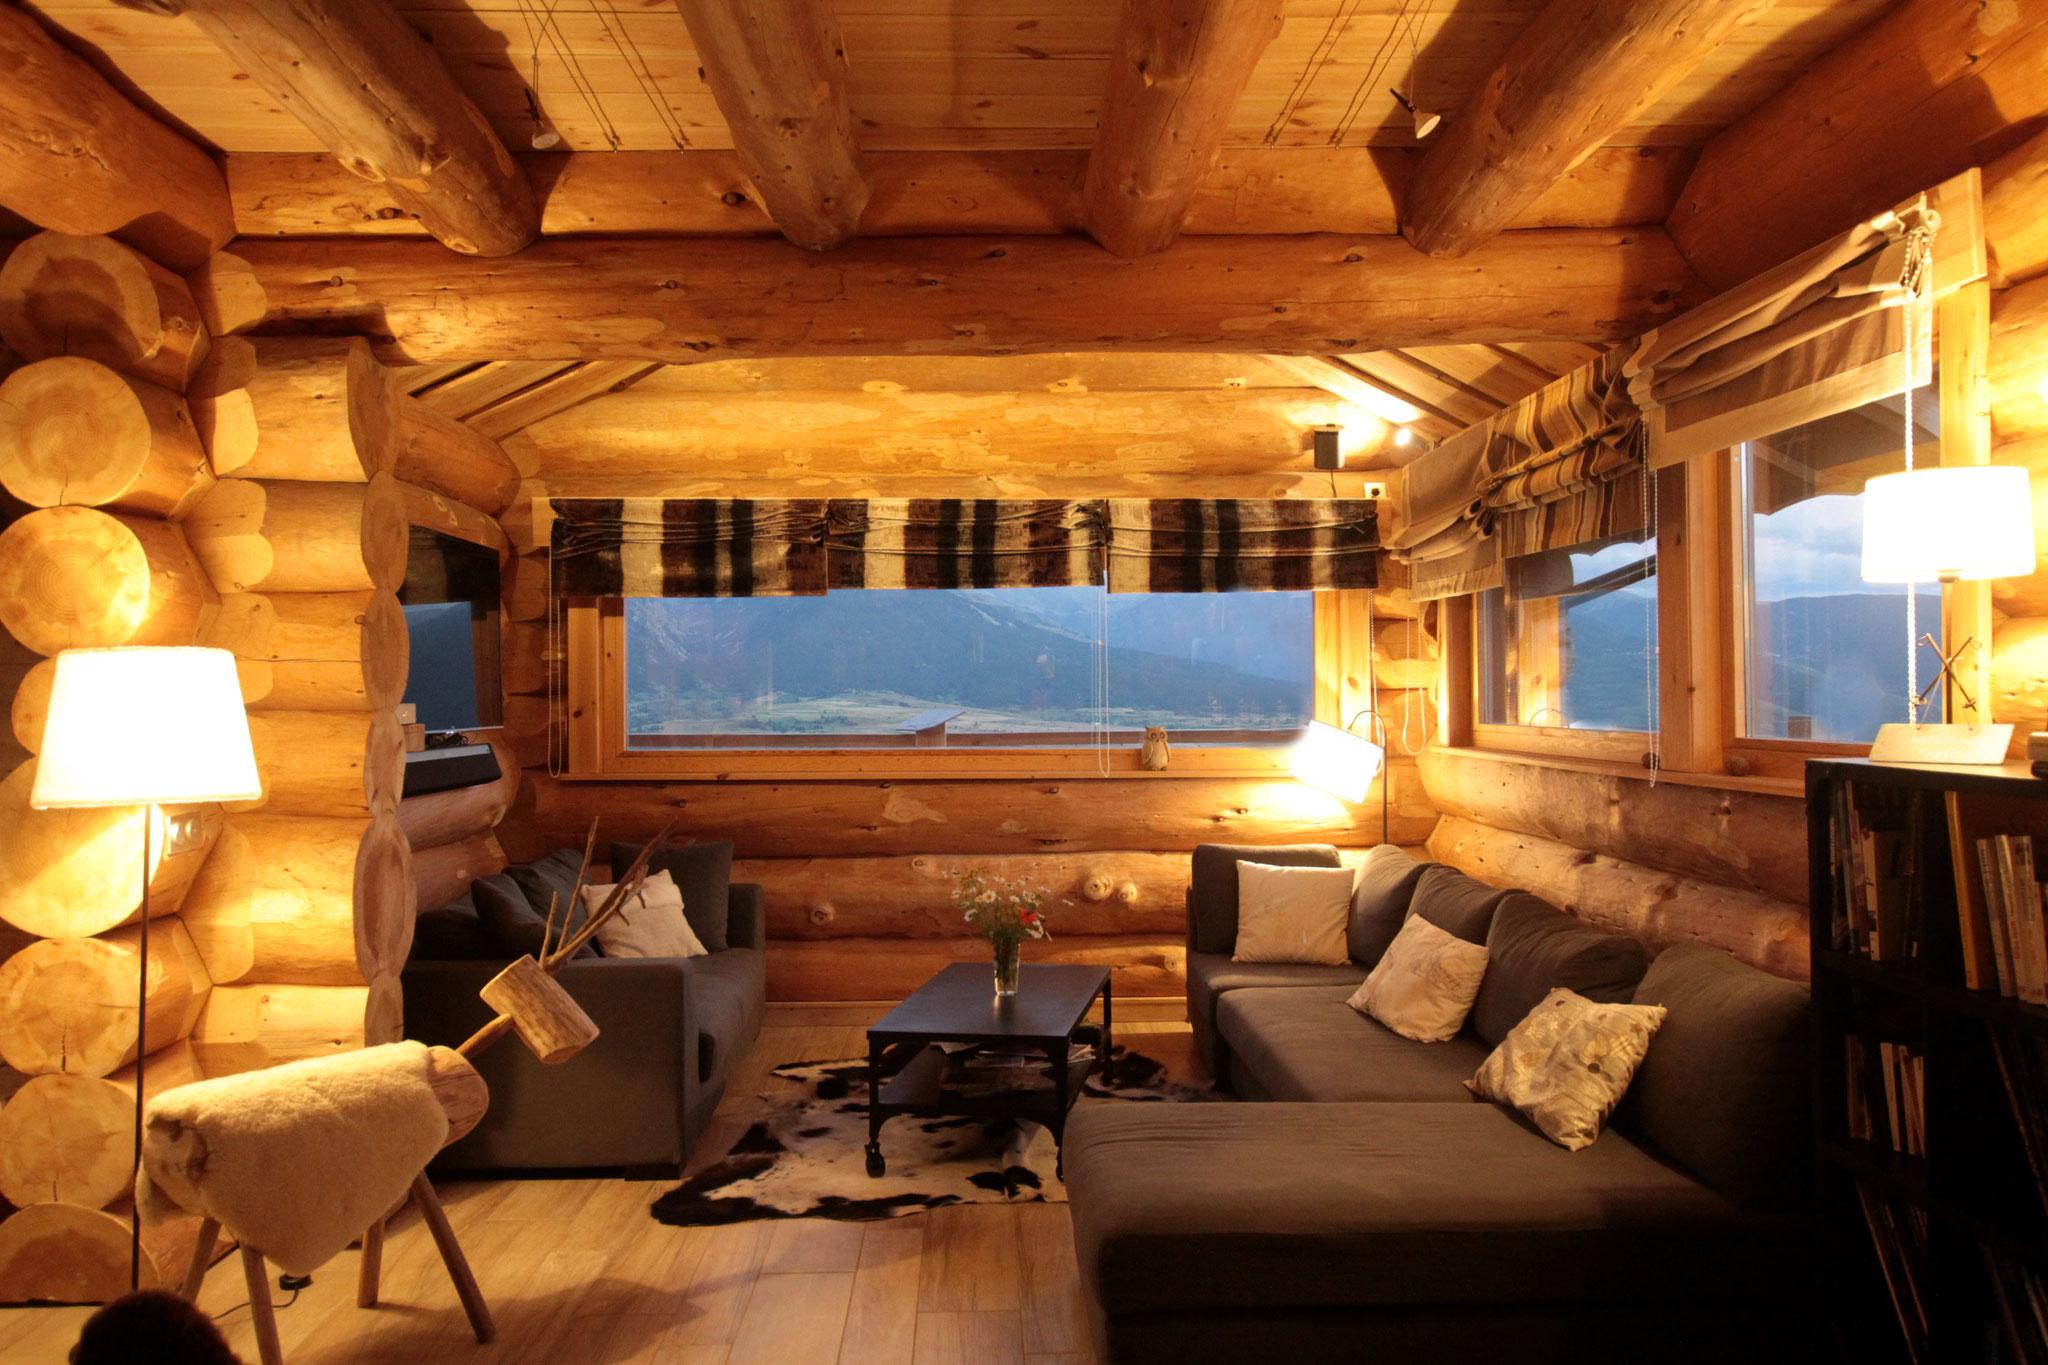 intérieur chaleureux